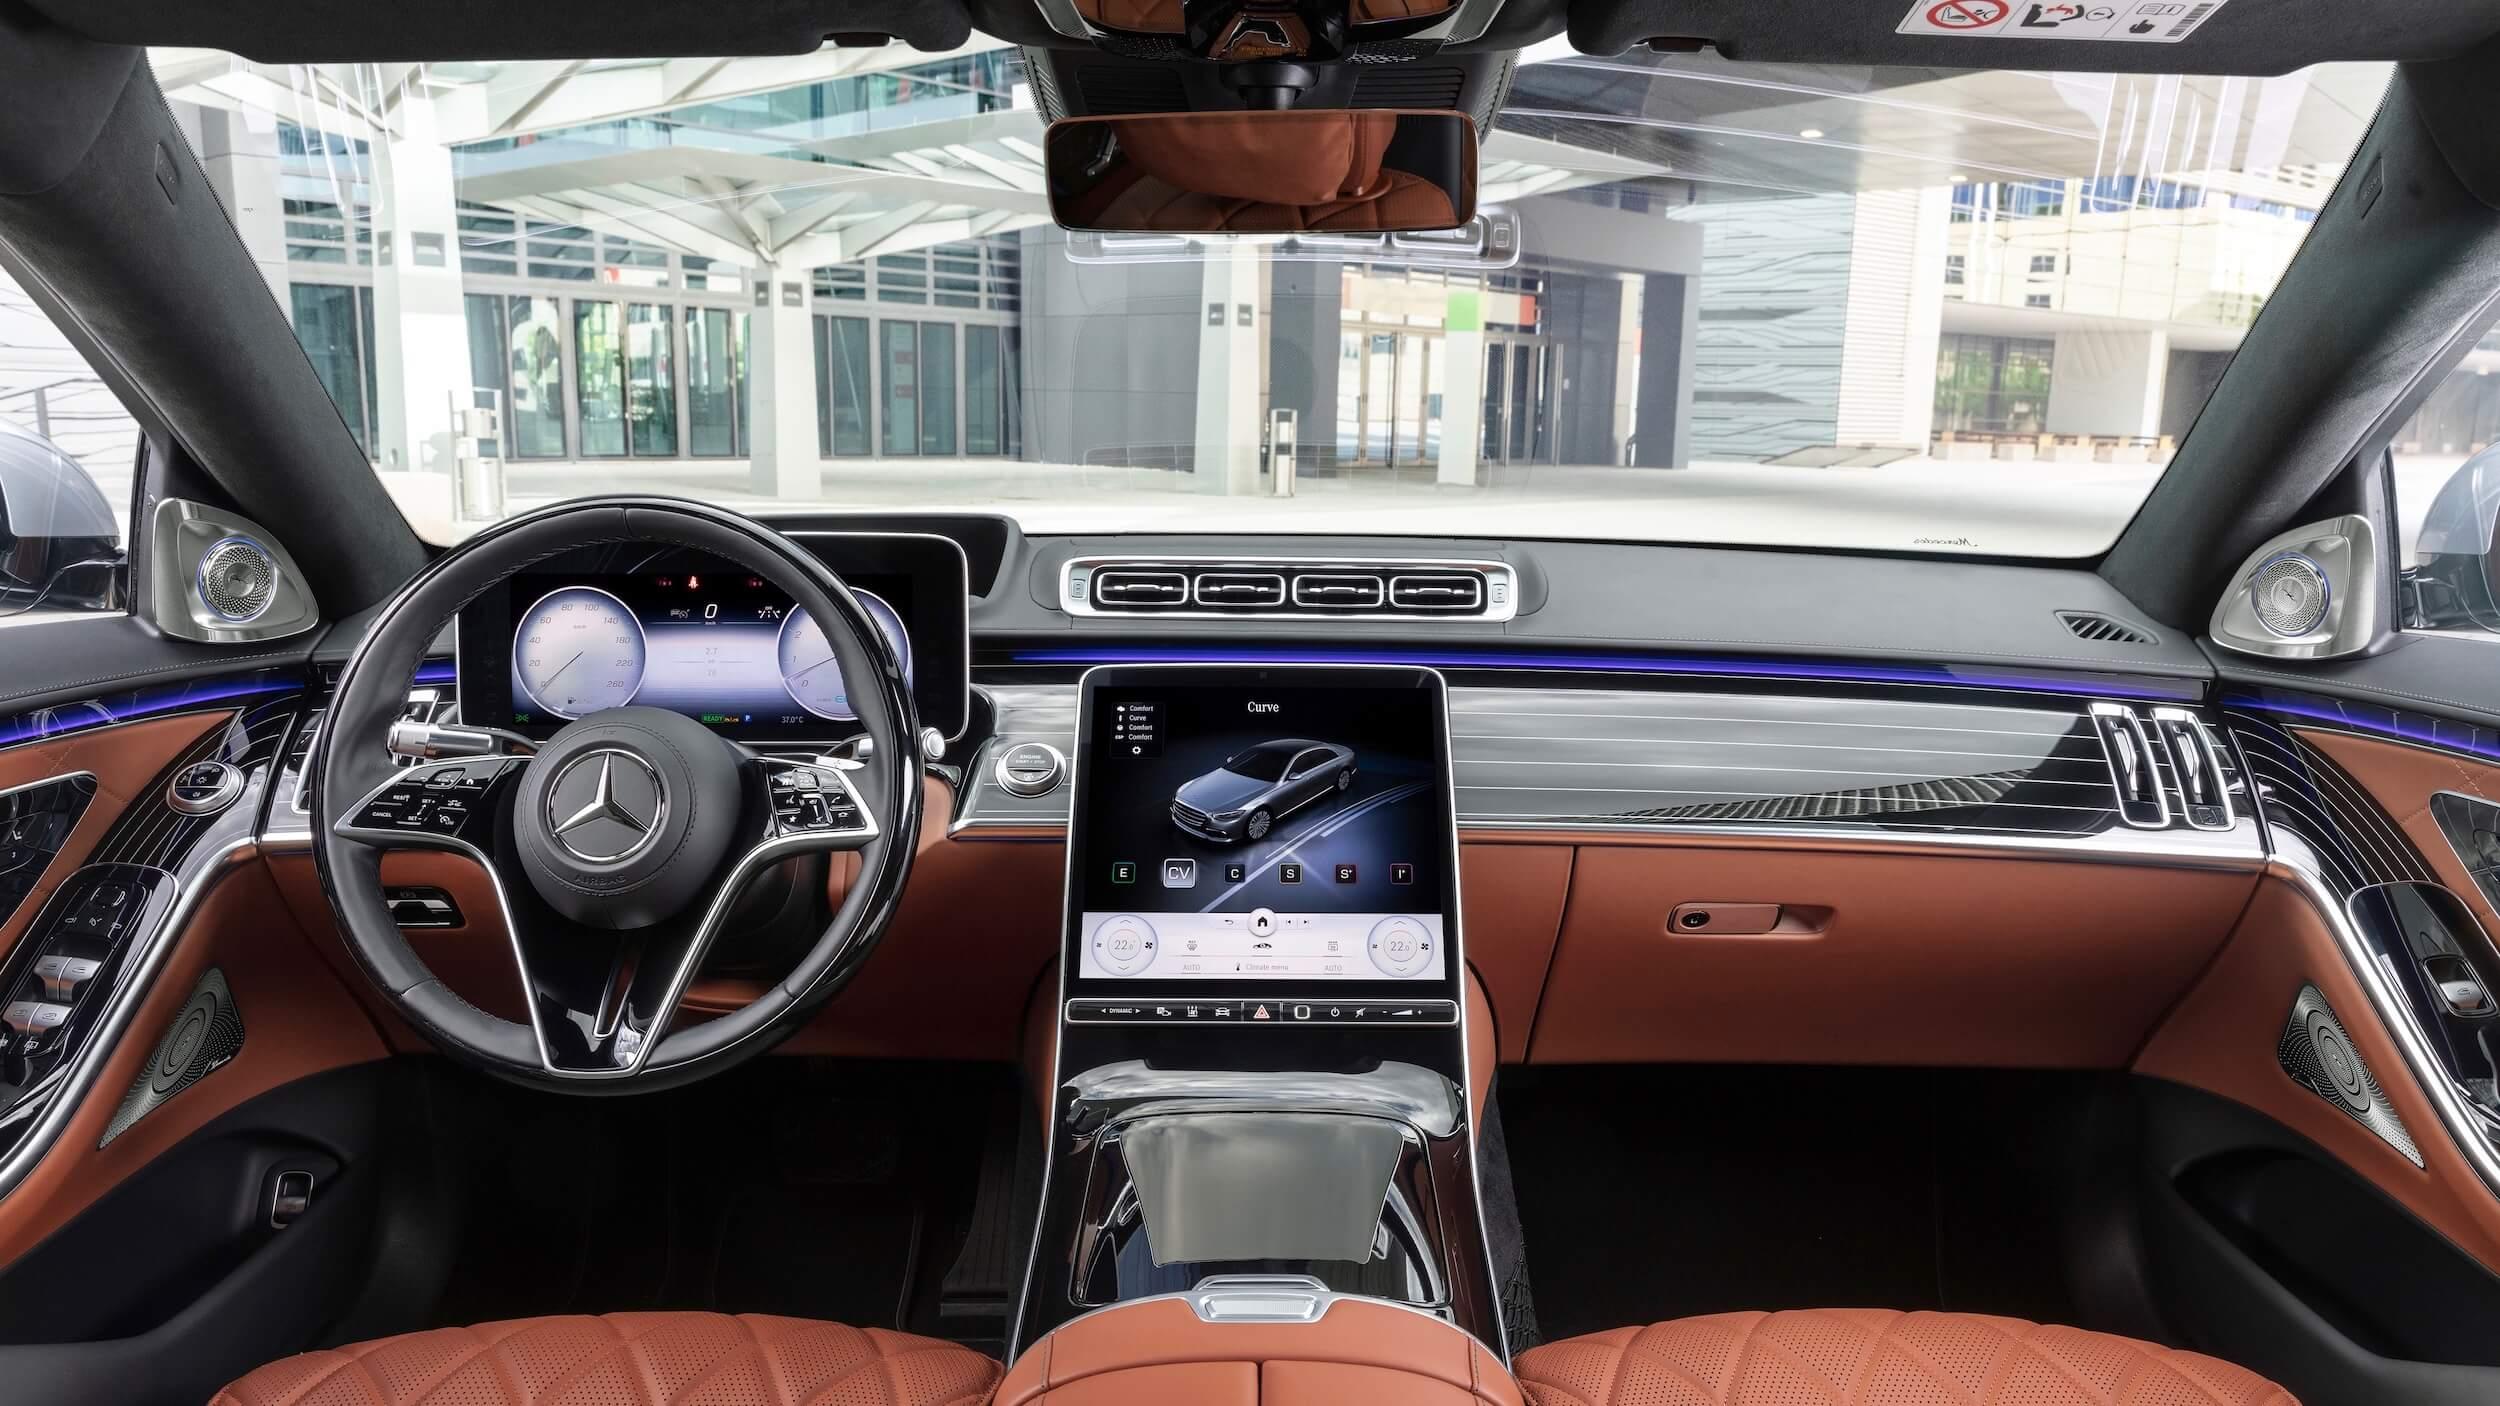 Hybride Mercedes S 580e interieur